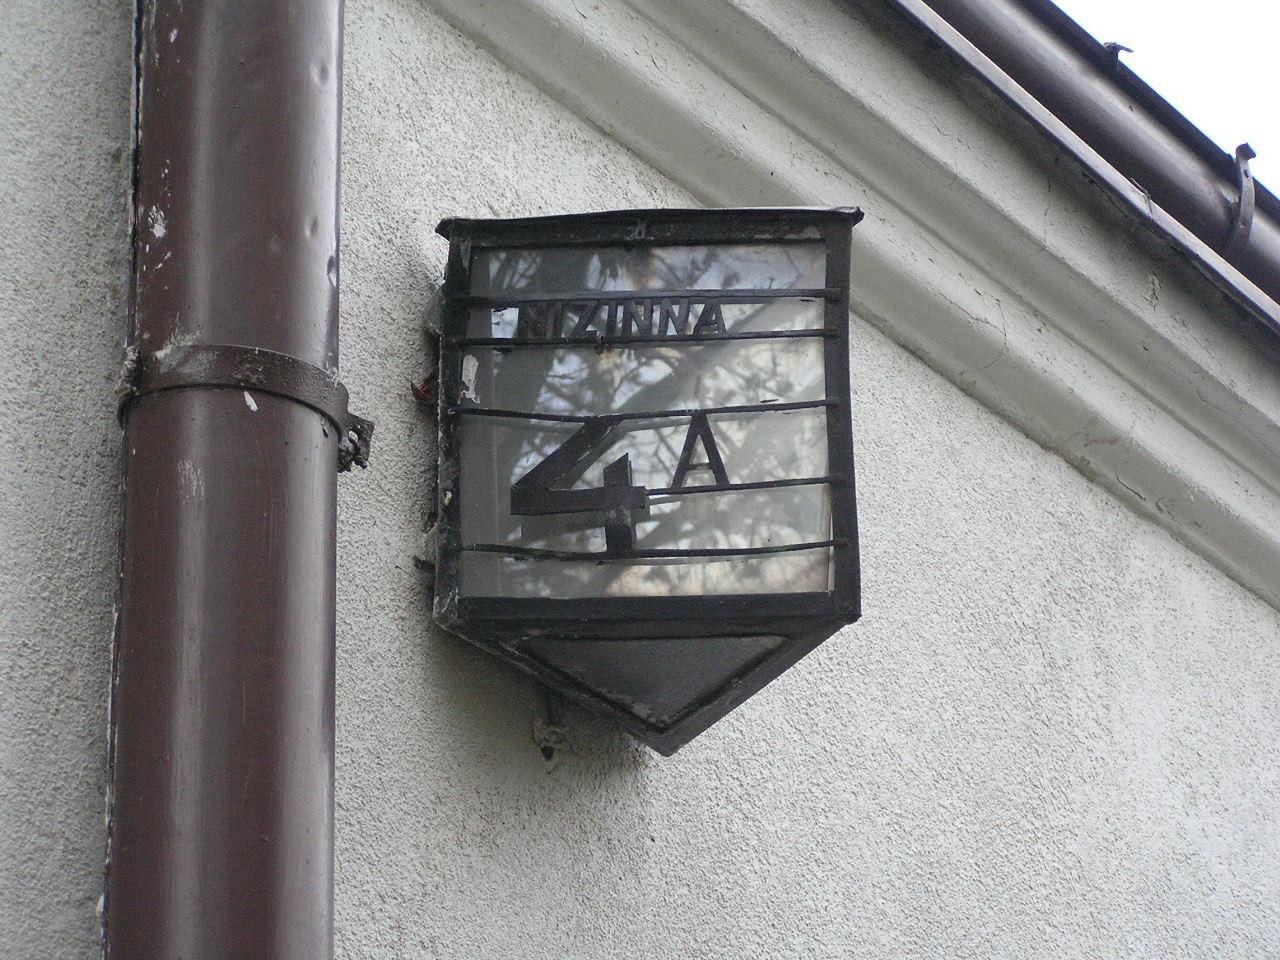 Latarenka adresowa - Nizinna 4A